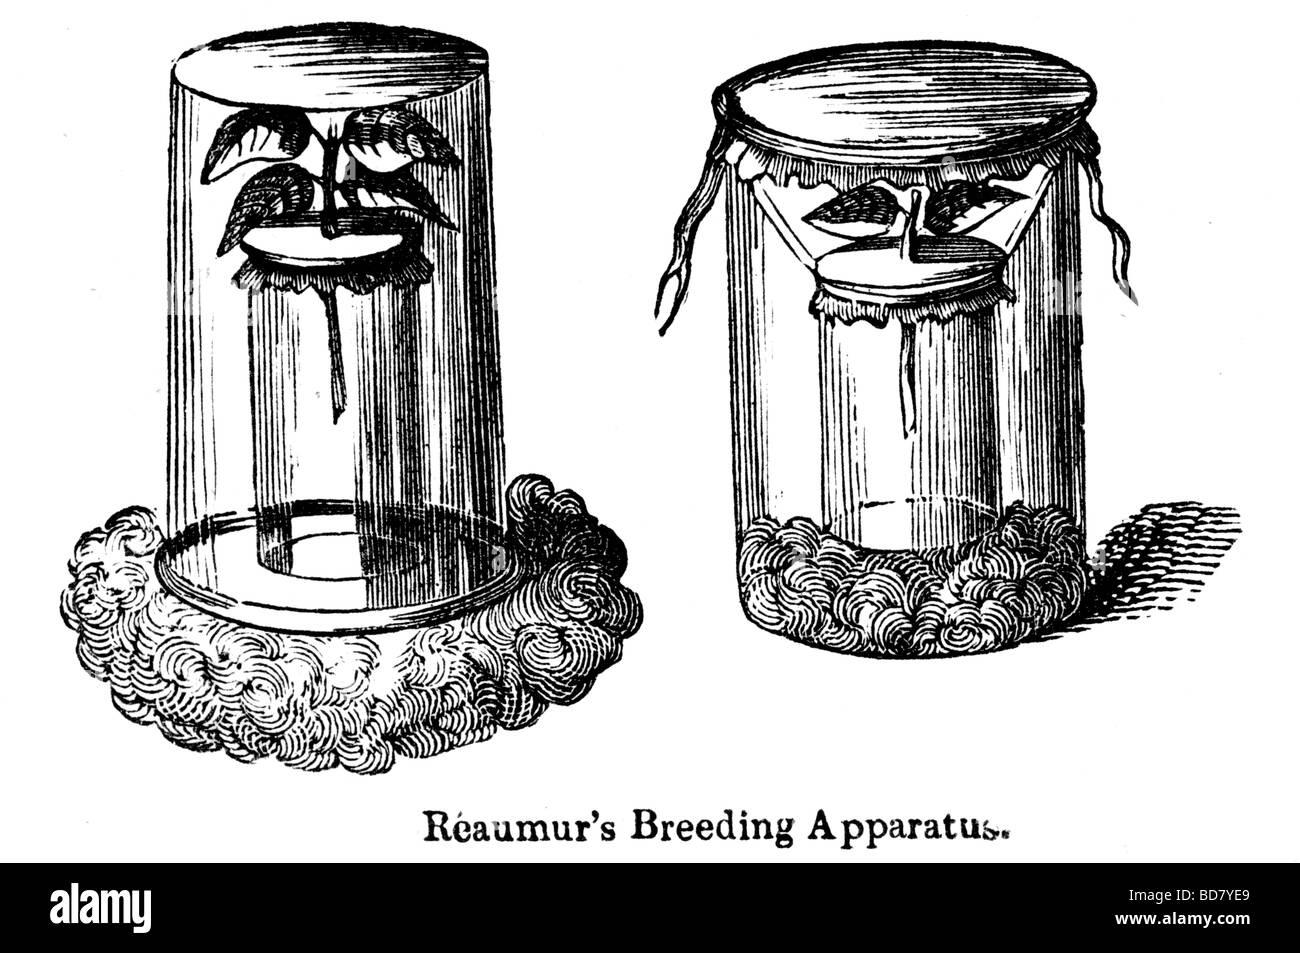 reaumur's breeding apparatus - Stock Image